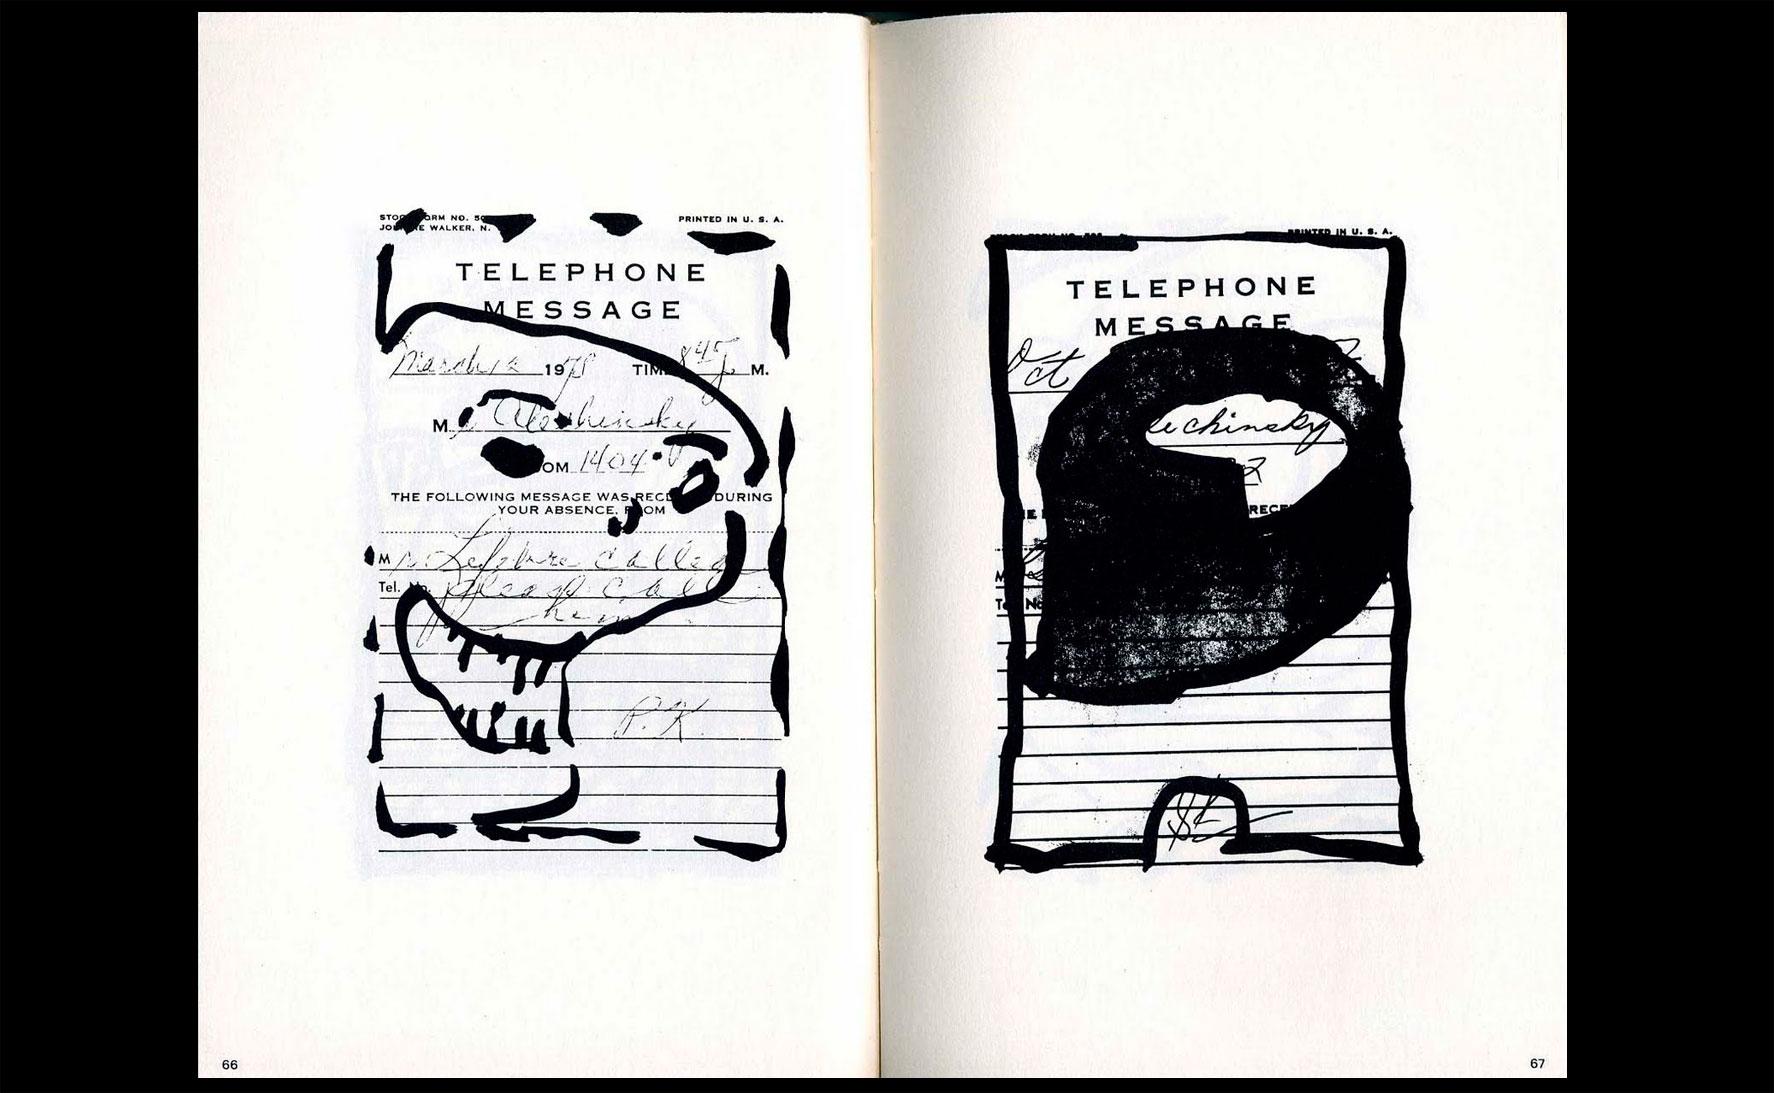 Le-Bureau-des-titres-Pierre-Faucheux-1983-08